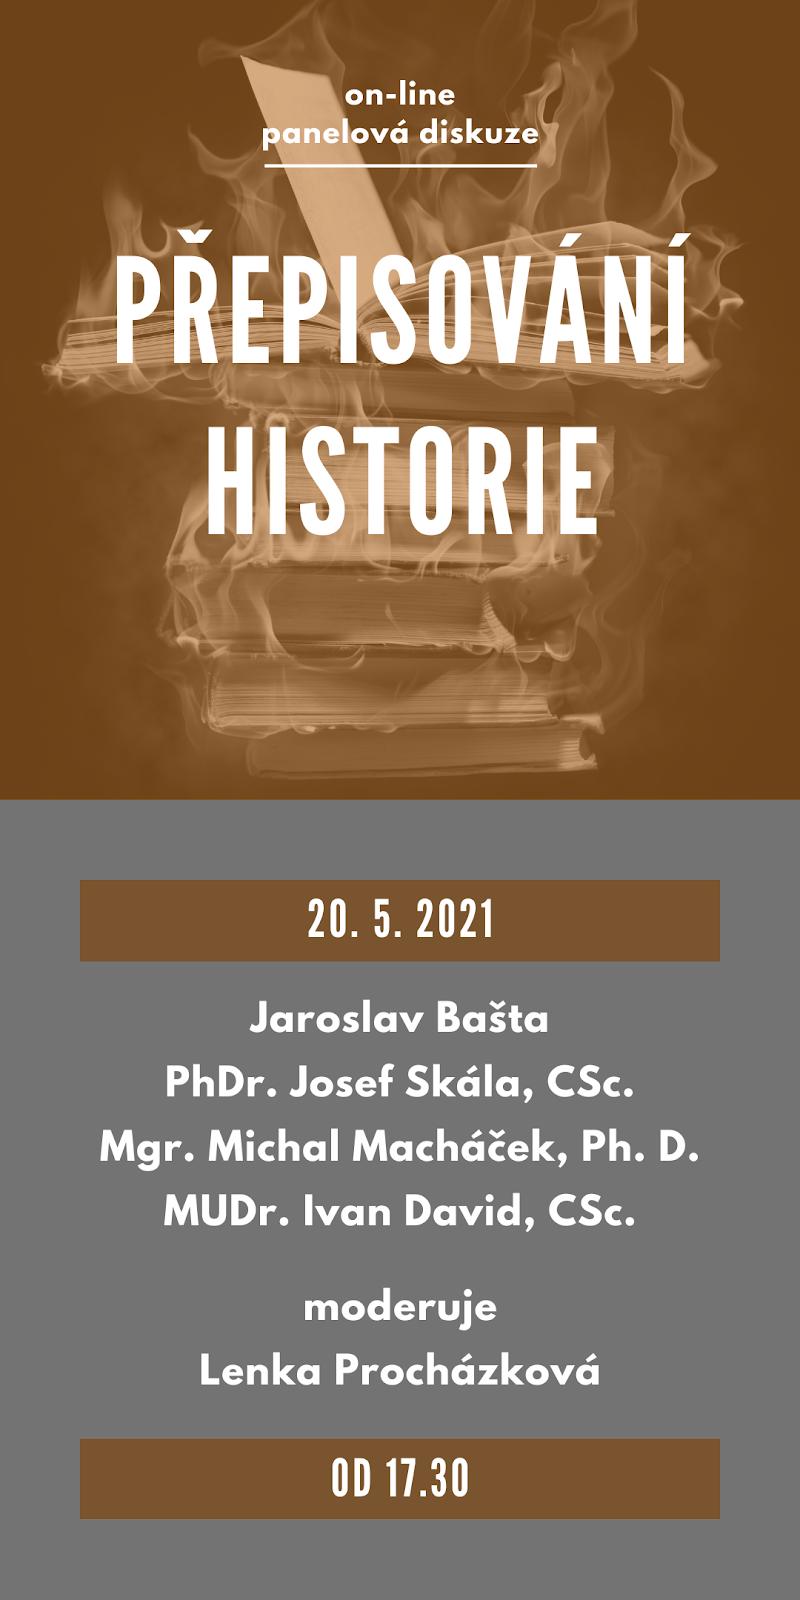 Panelová diskuze 20. 5. 2021